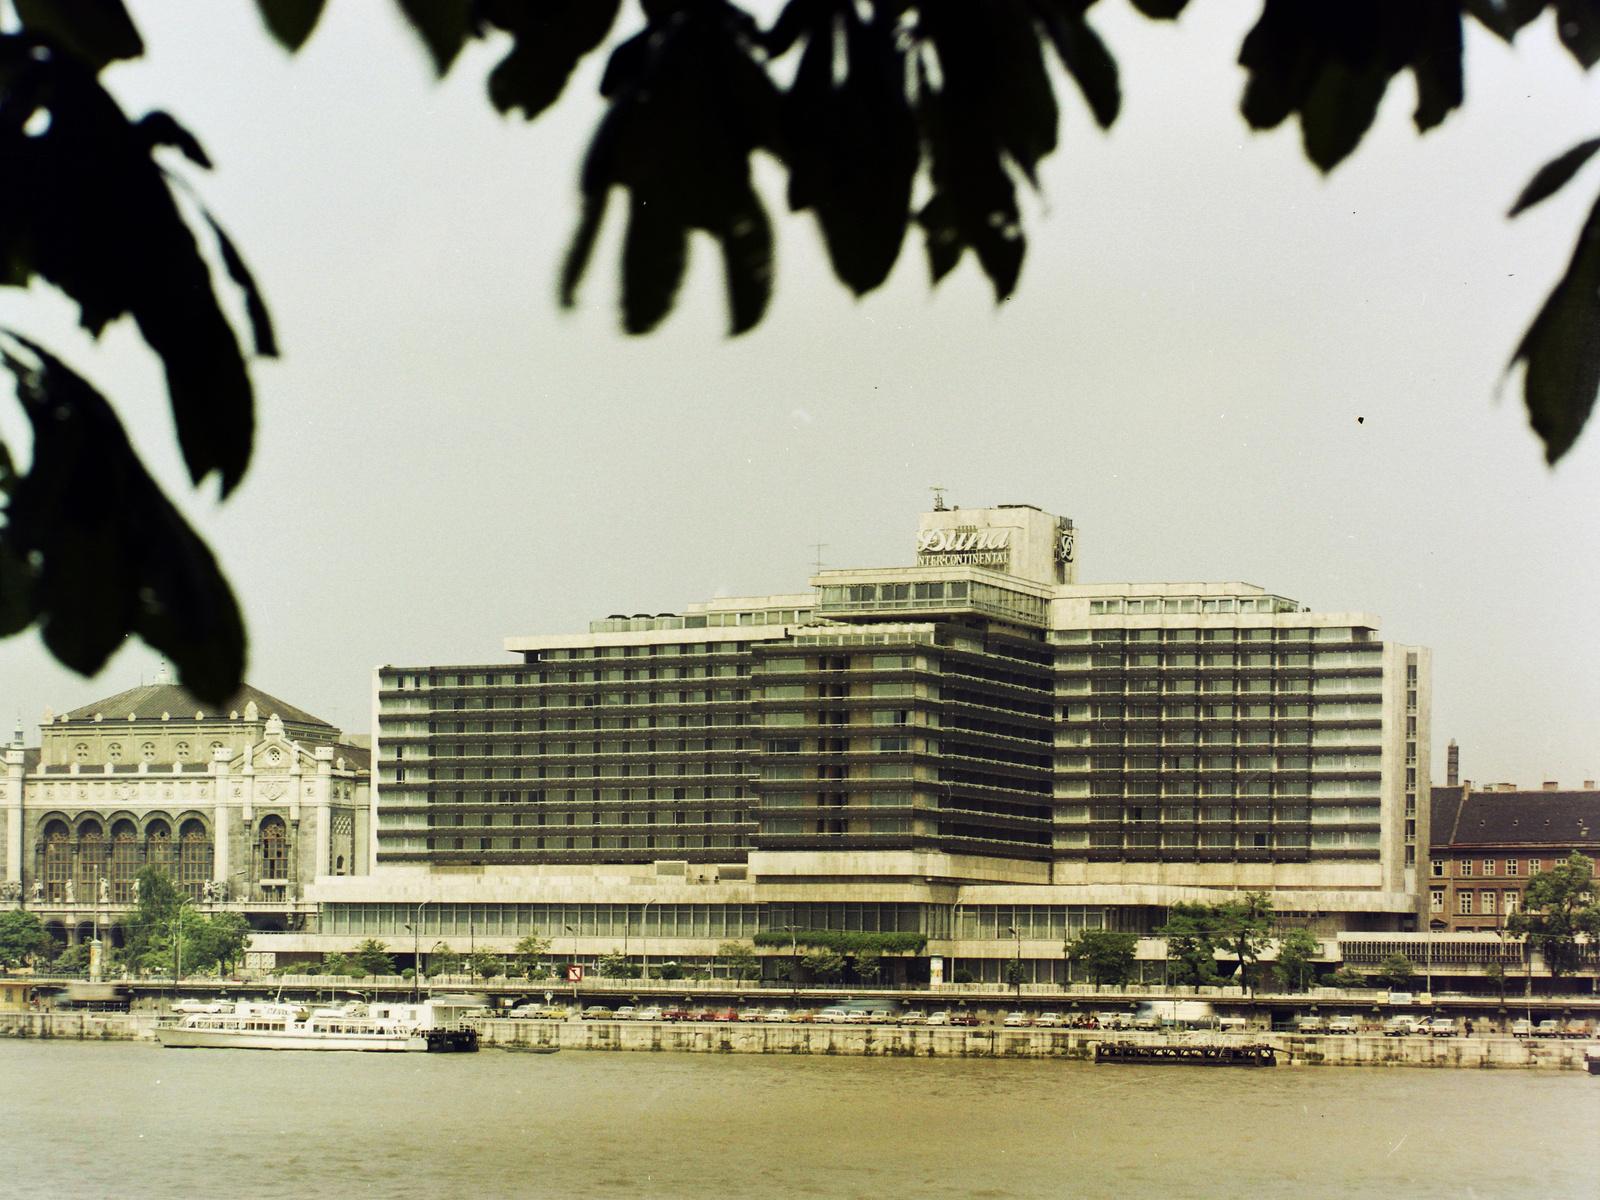 Intercontinental-Marriott-1970esEvek-fortepan.hu-84826